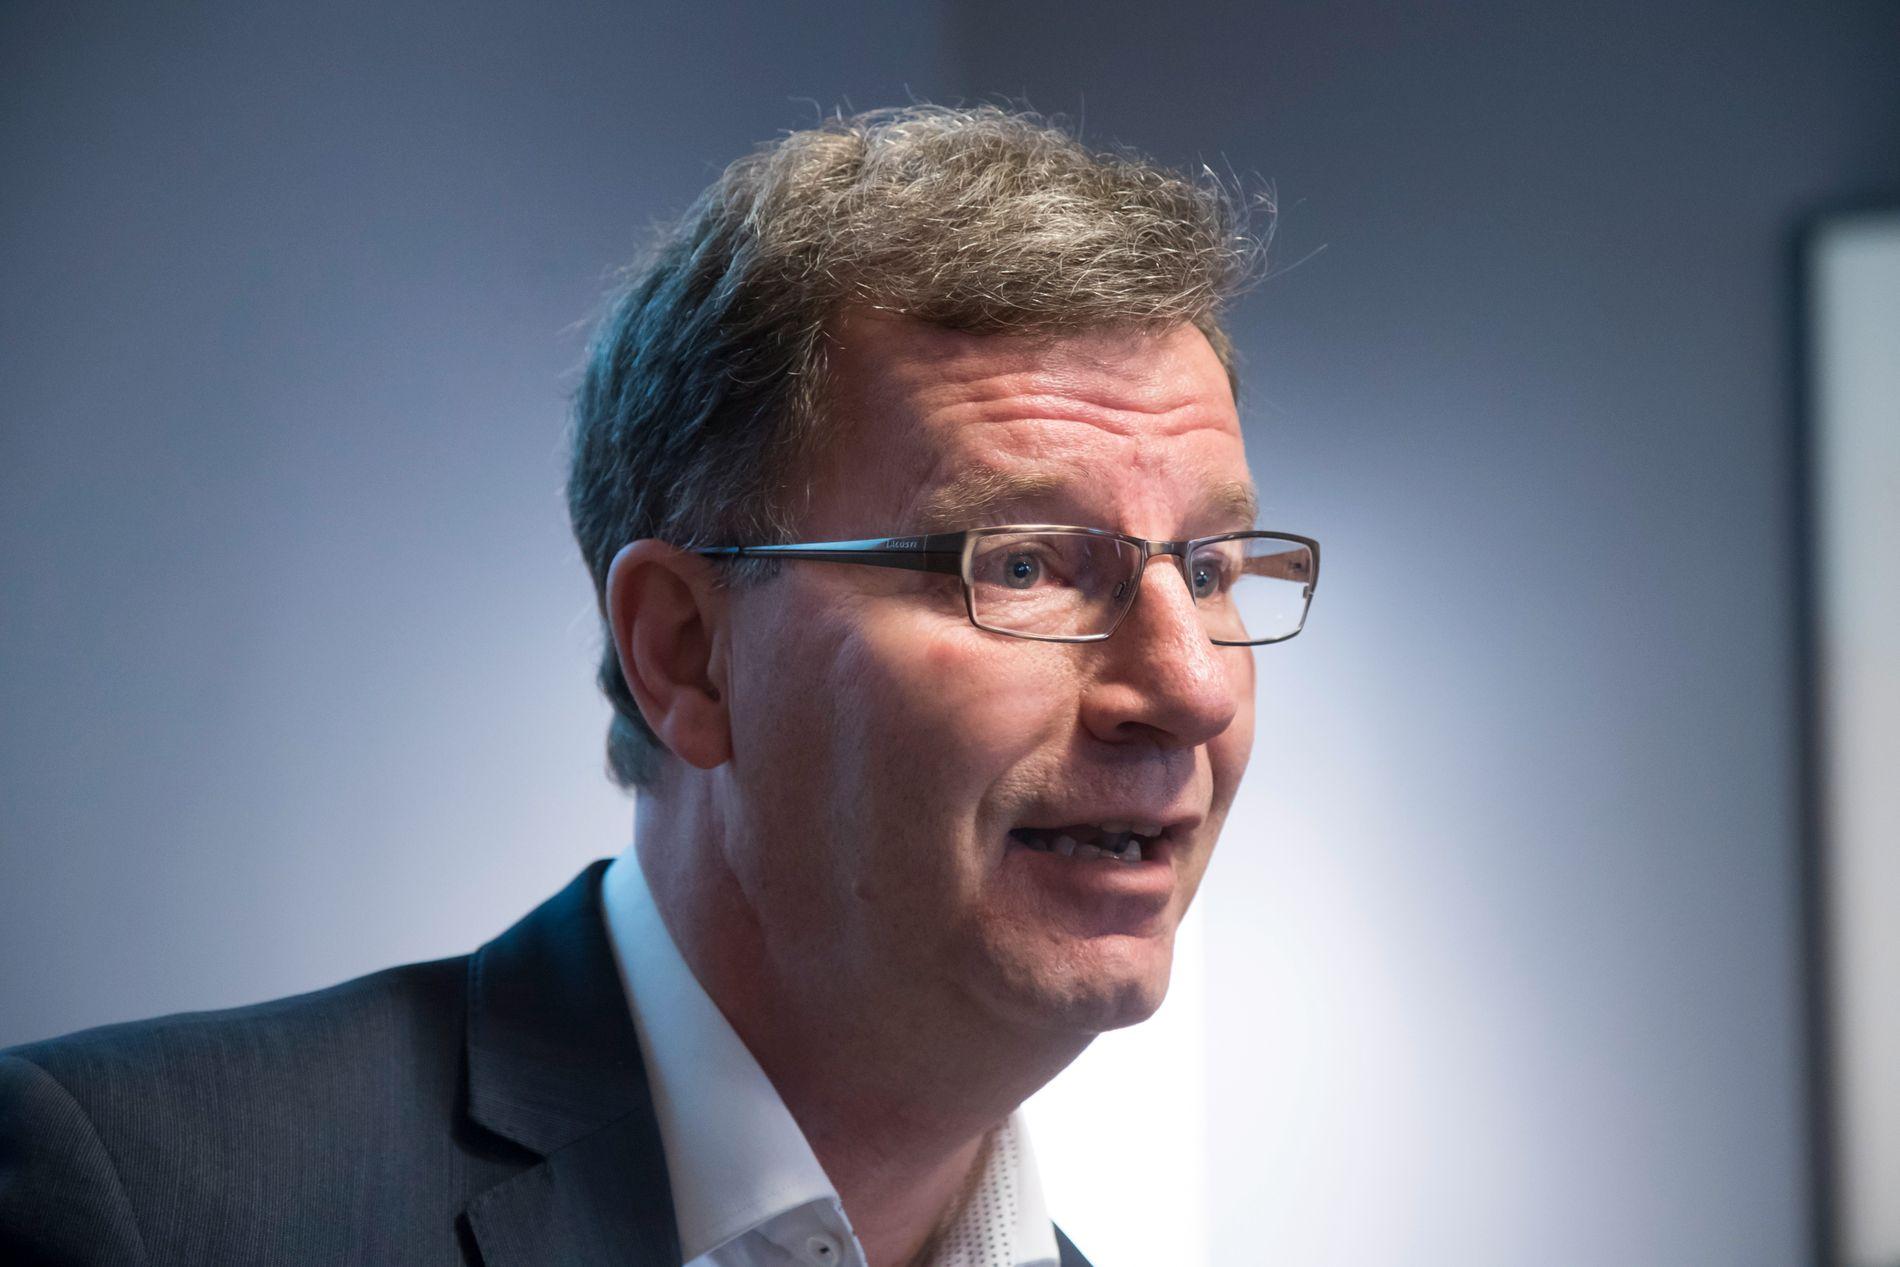 FINANSBYRÅD: Robert Steen (Ap) er Oslo kommunes «finansminister». Finansbyråden hadde satt av 250 millioner kroner for å klare en eventuell dom om tilbakebetaling.